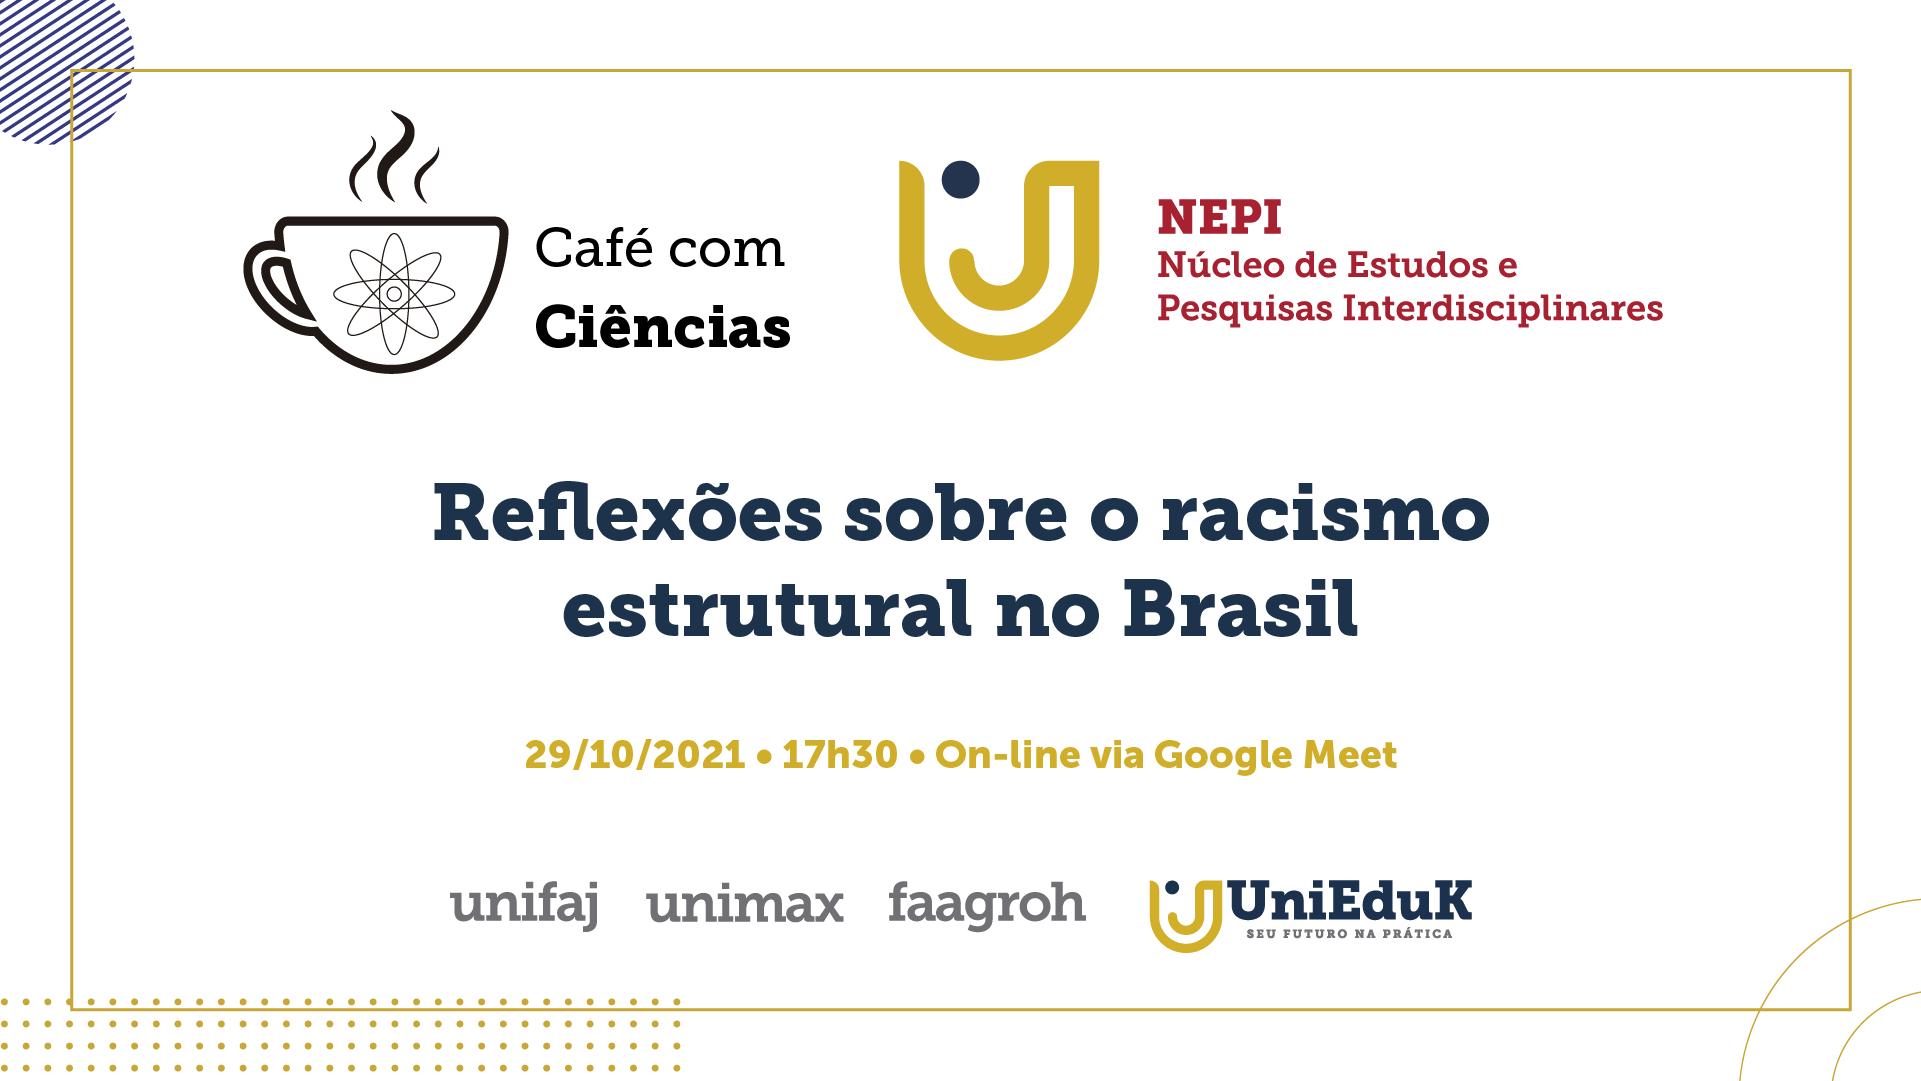 A arte nos moldes do Grupo UniEduK possui o logo do NEPI e do Café com Ciências, além das informações básicas para o evento.